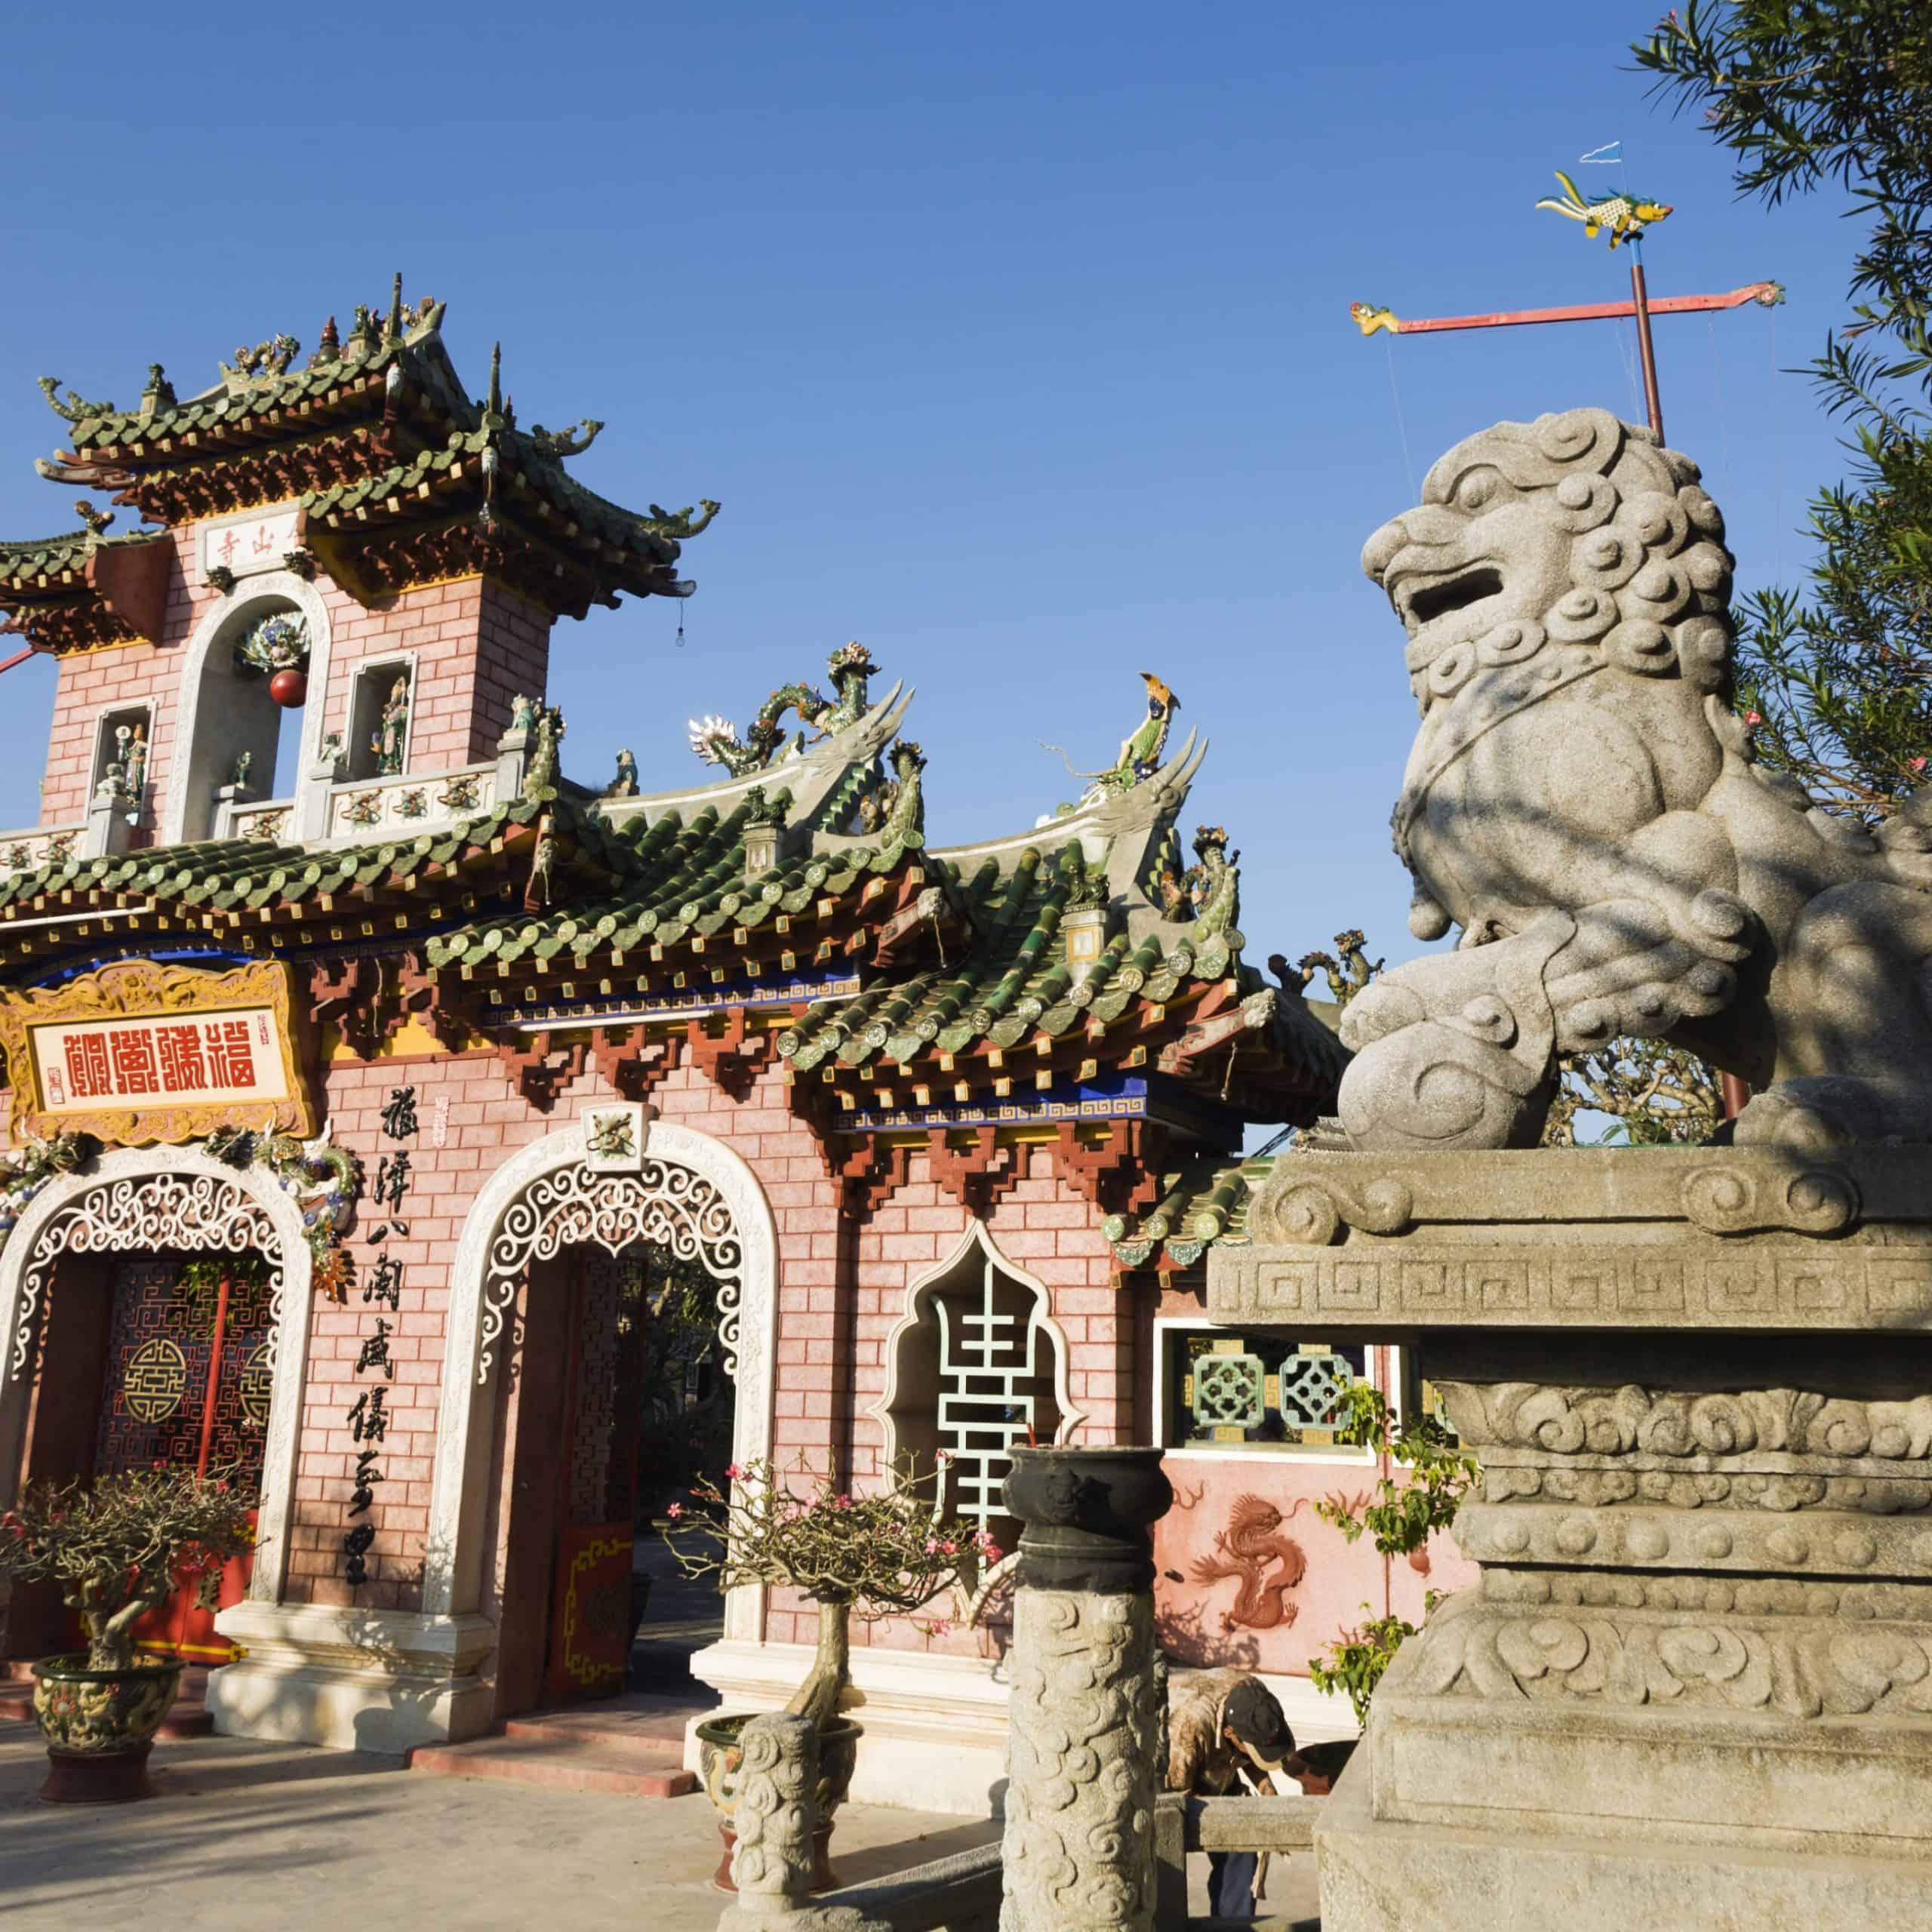 outside the pagoda